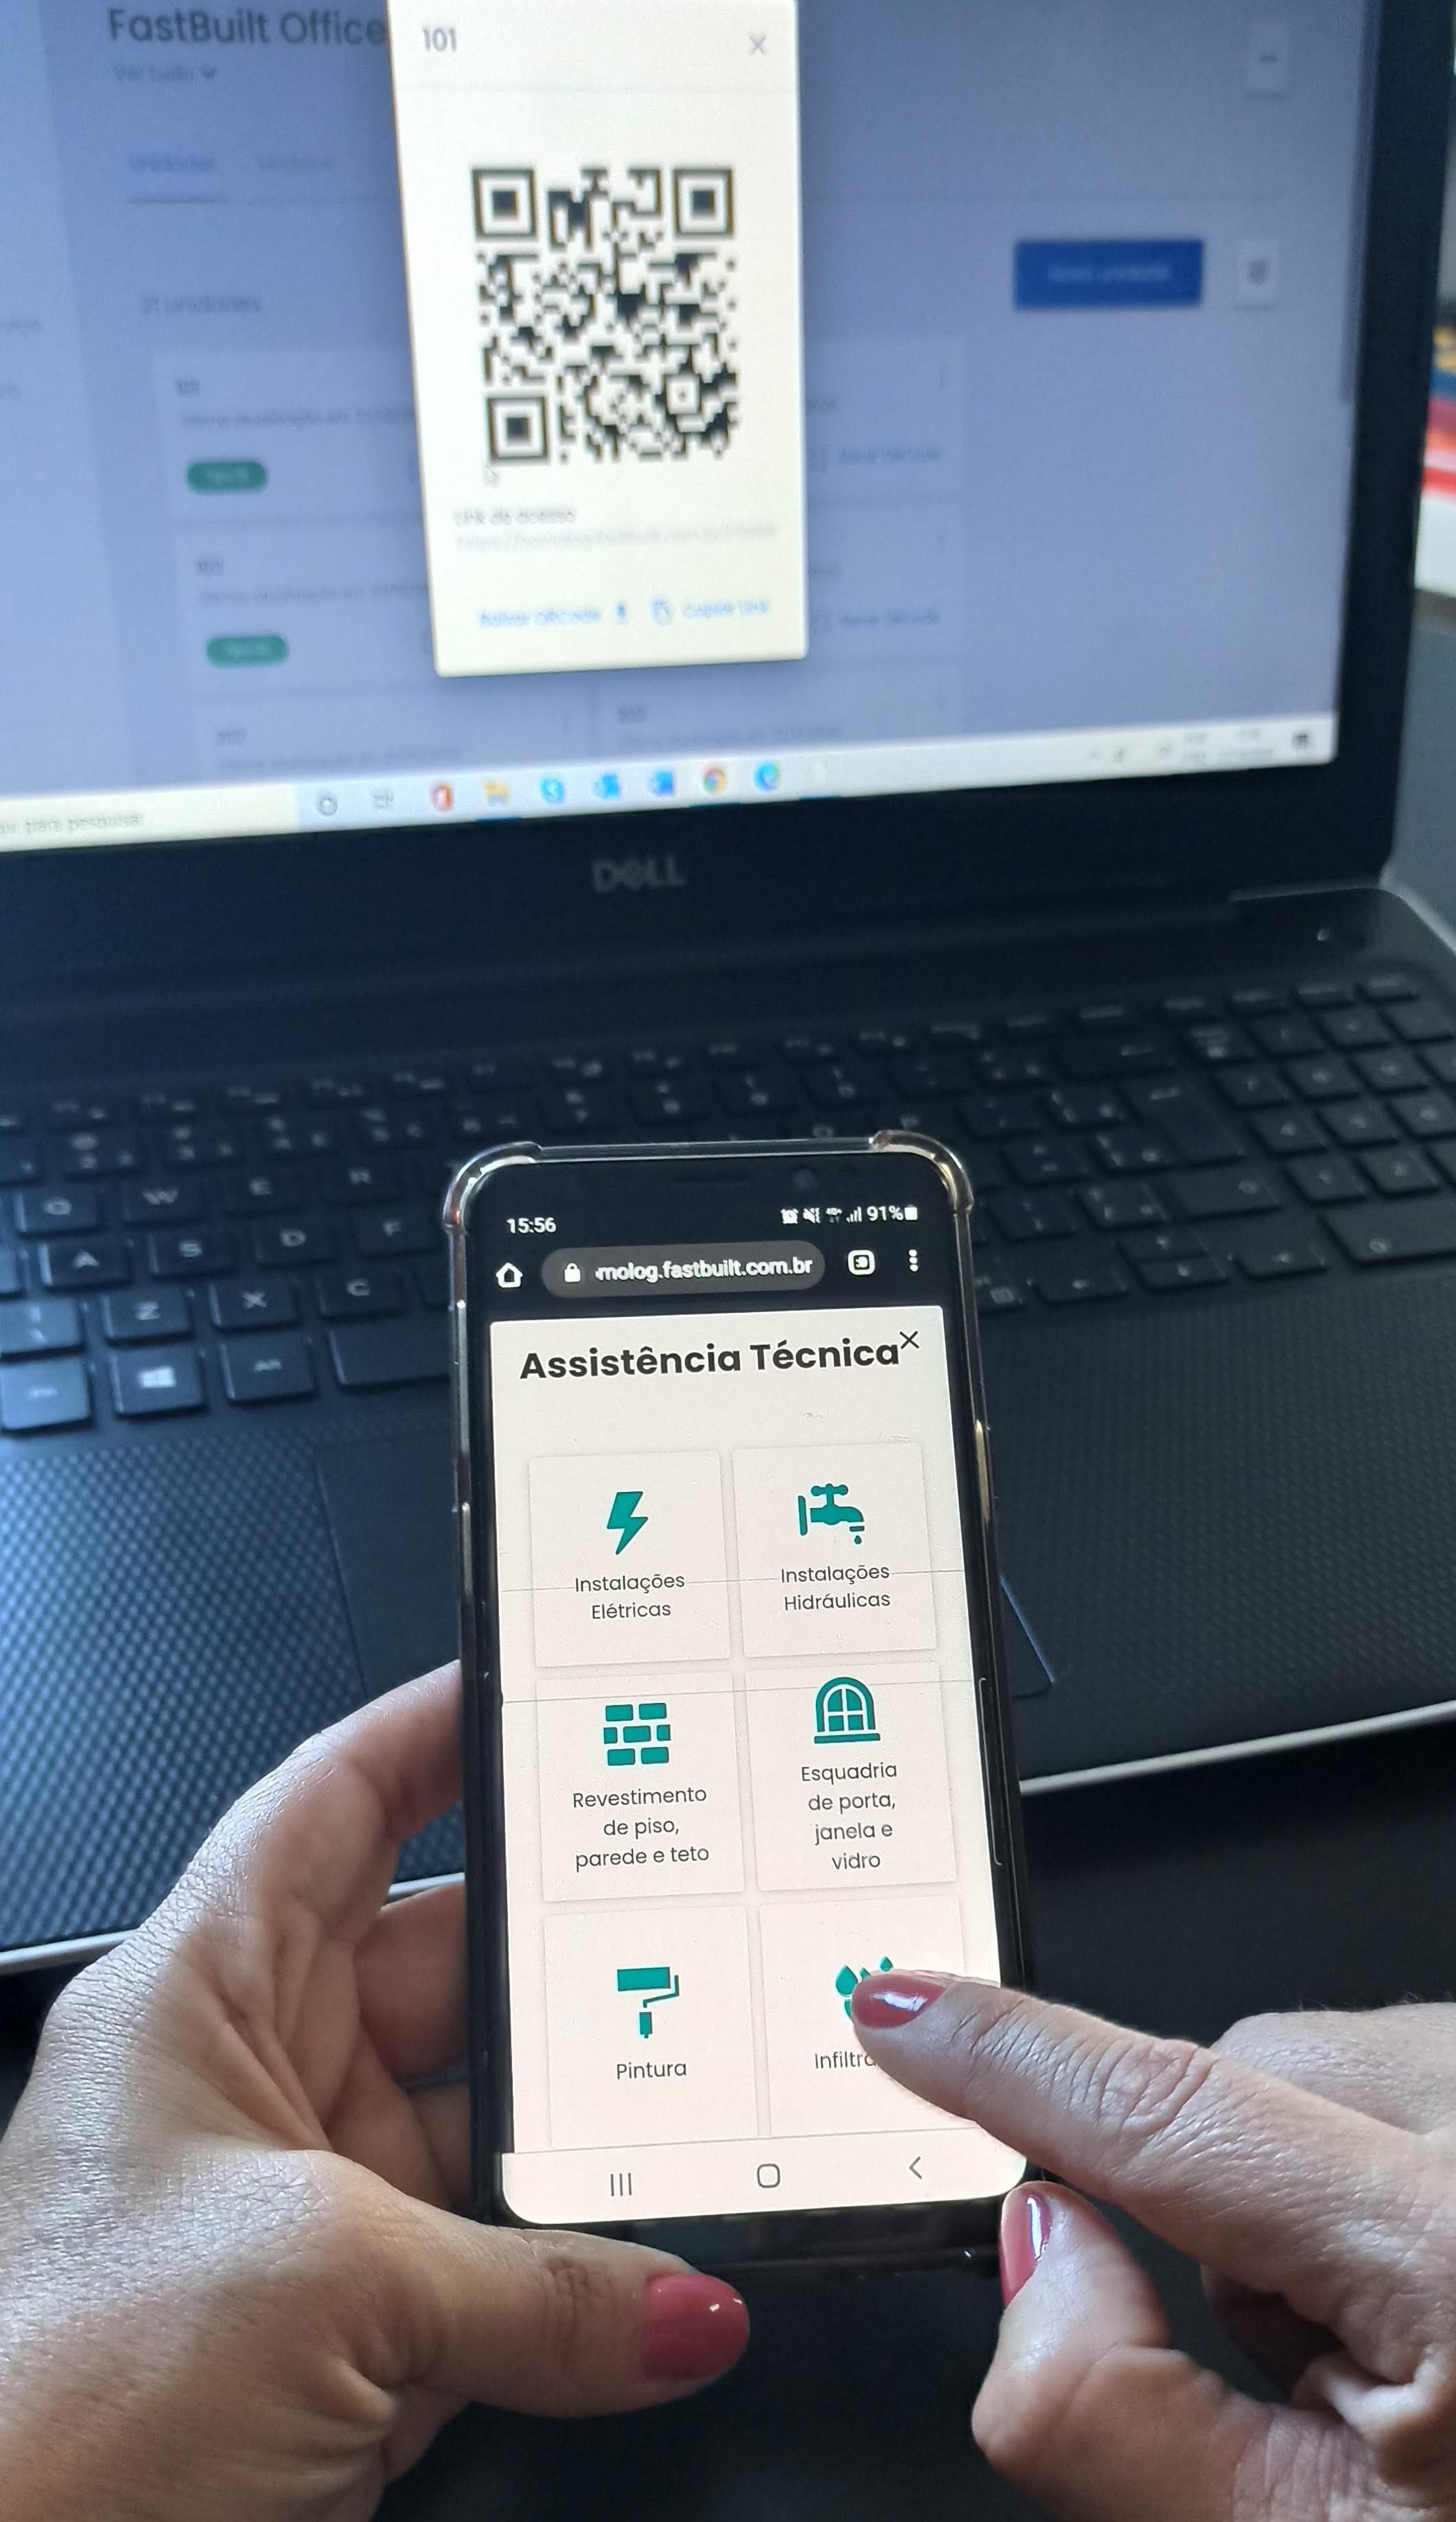 FastBuilt lança app para aproximar construtoras e clientes, com assistência técnica integrada